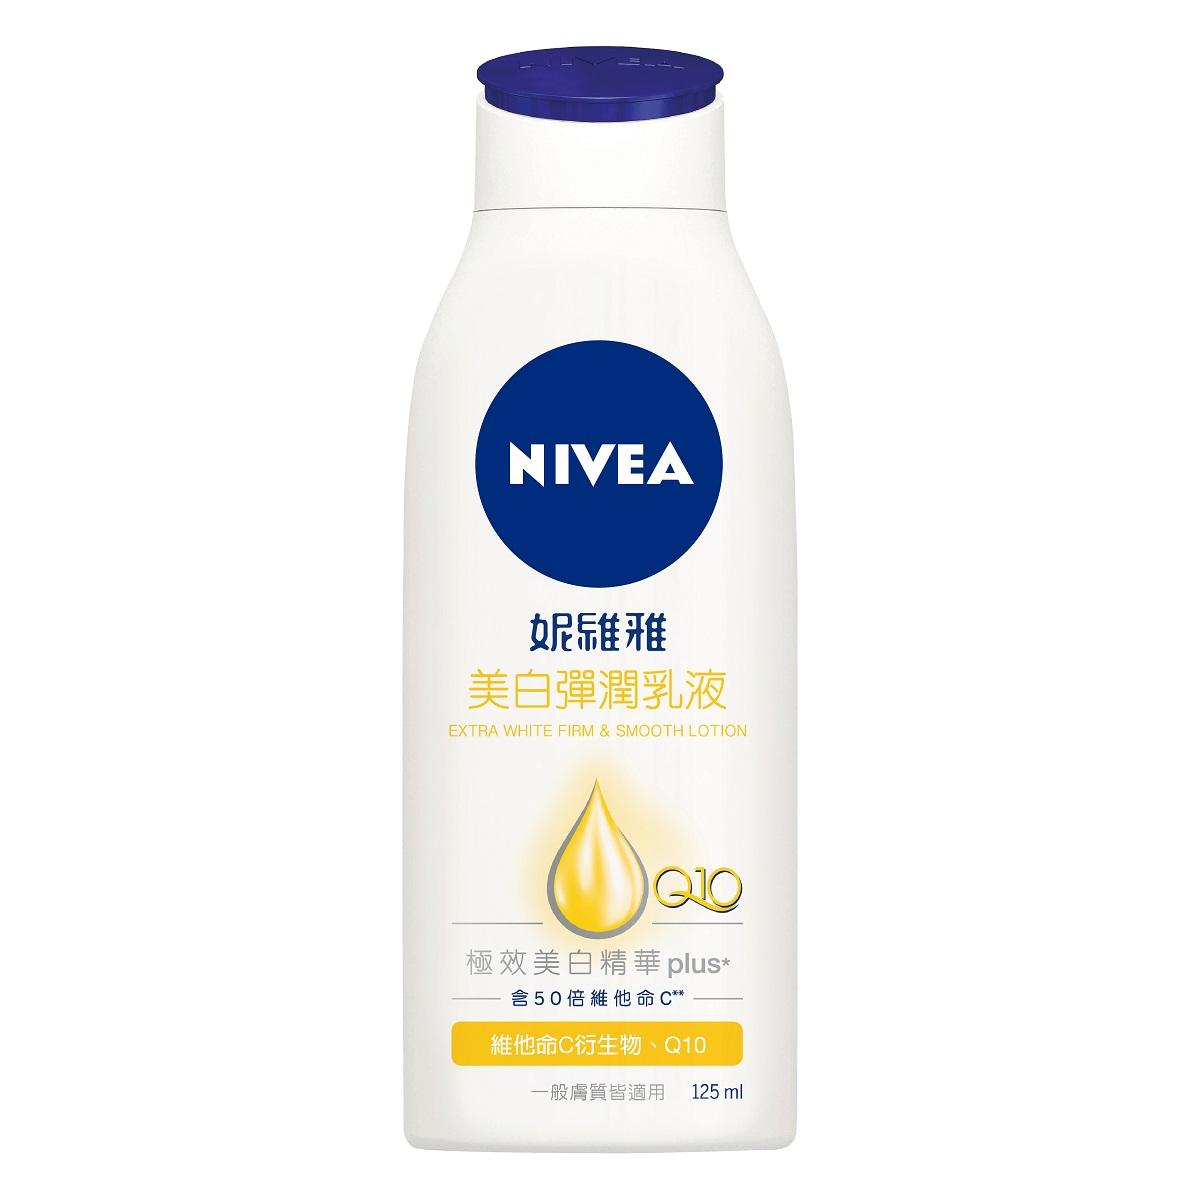 任2件5折*NIVEA妮維雅美白彈潤乳液125ml【康是美】